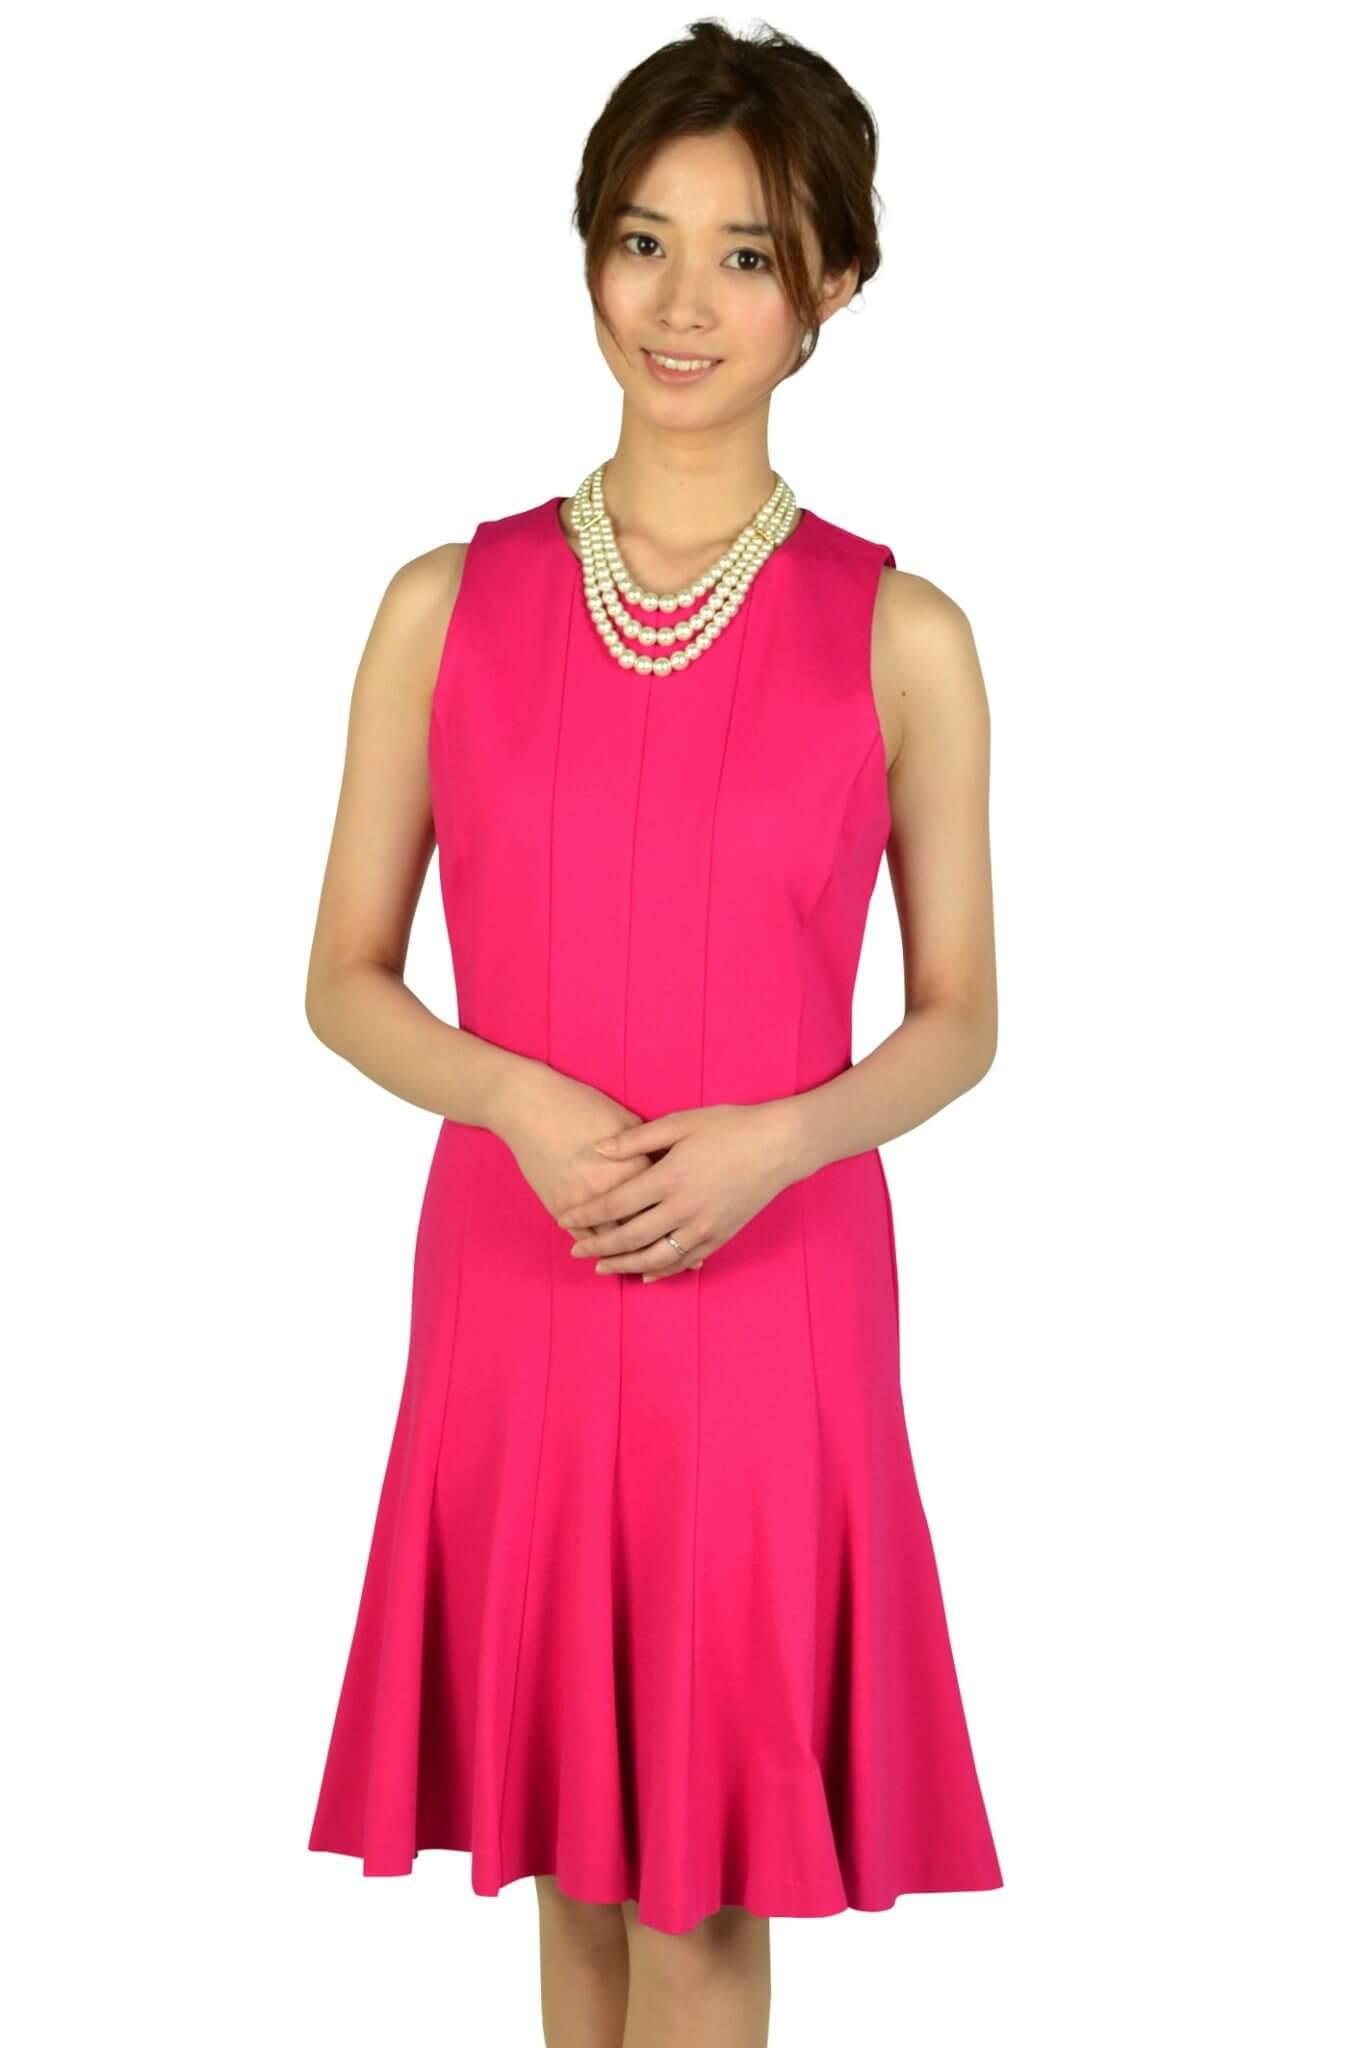 マイケルマイケルコース トランペットスカートフューシャピンクドレス